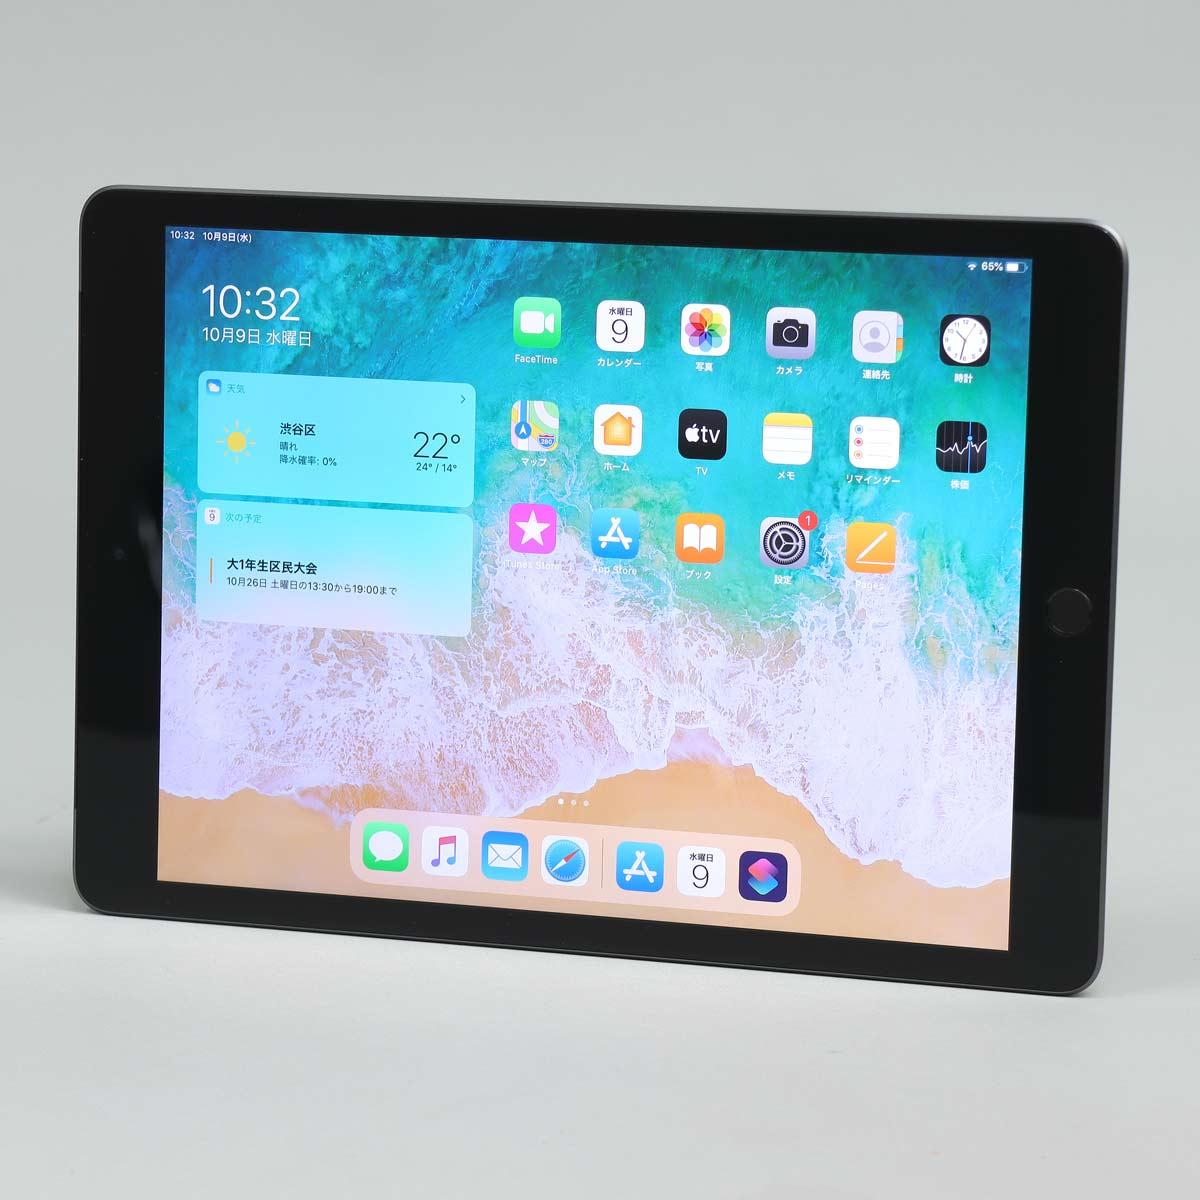 第7世代の新型「iPad」レビュー。キーボードもマウスも使えて、3万円台から買える高コスパモデル